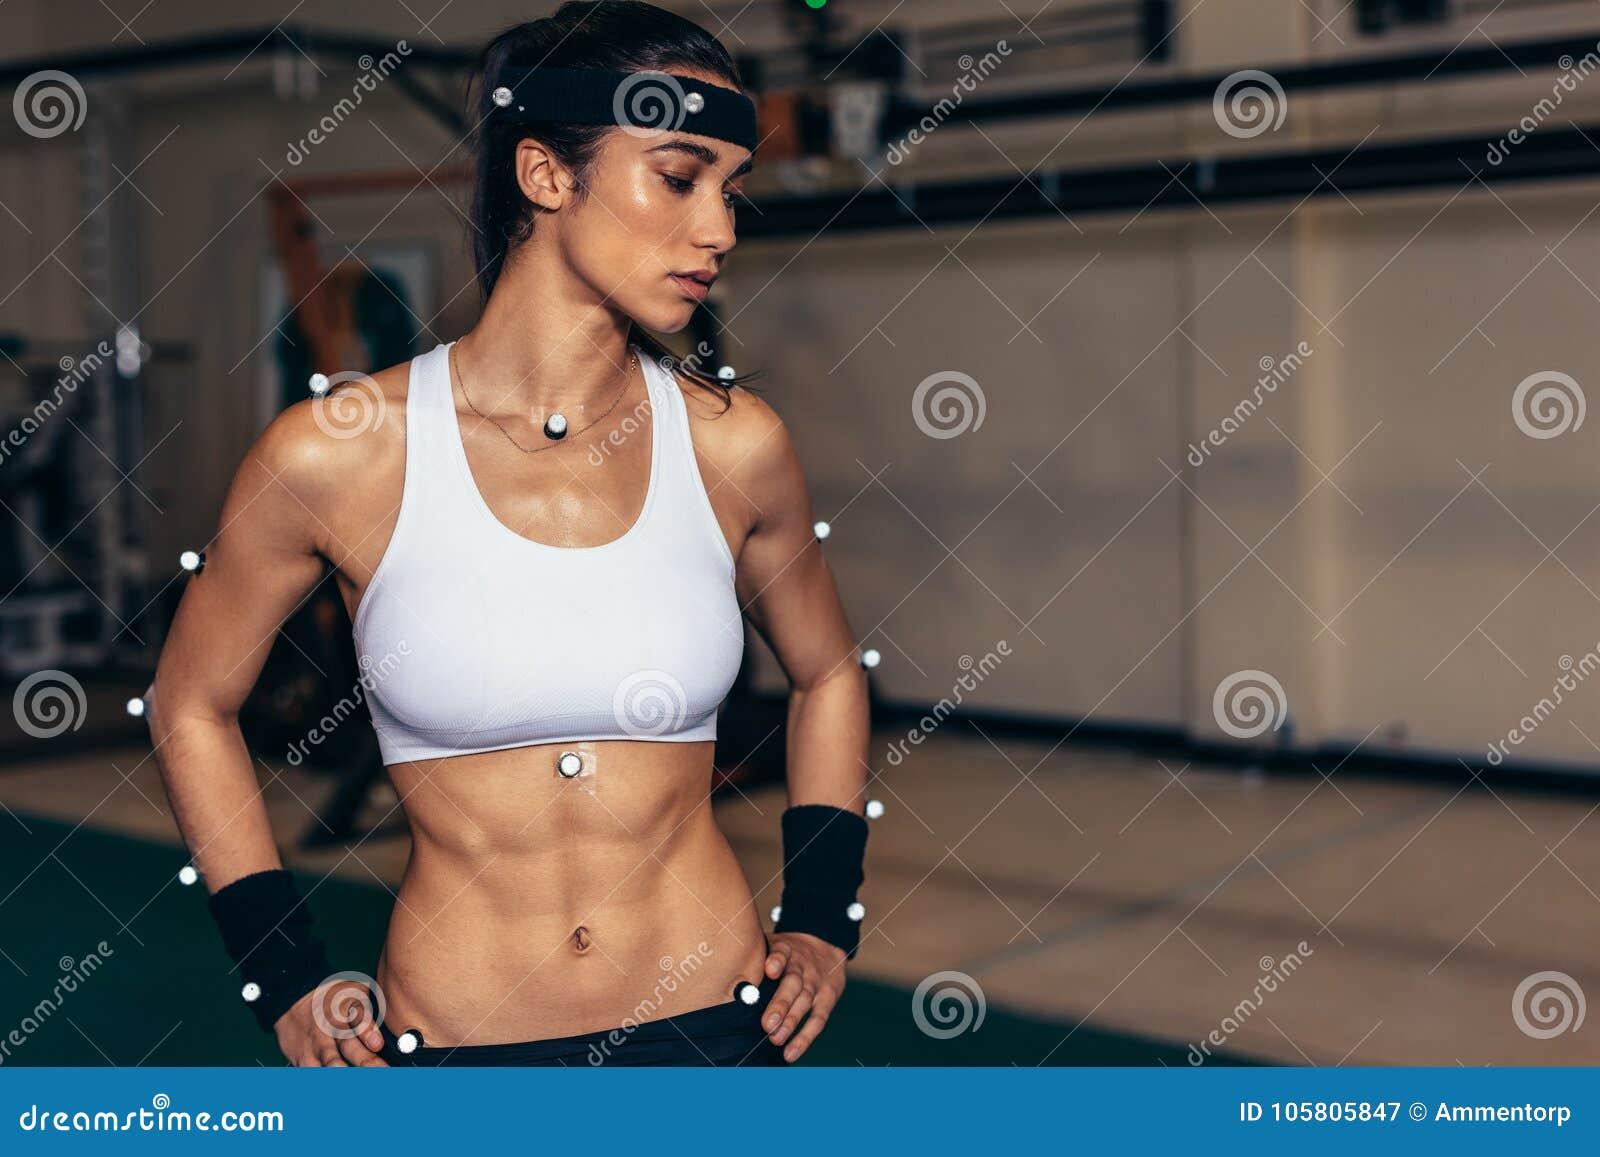 Athlète féminin avec des sondes de capture de mouvement dans le laboratoire de biomécanique